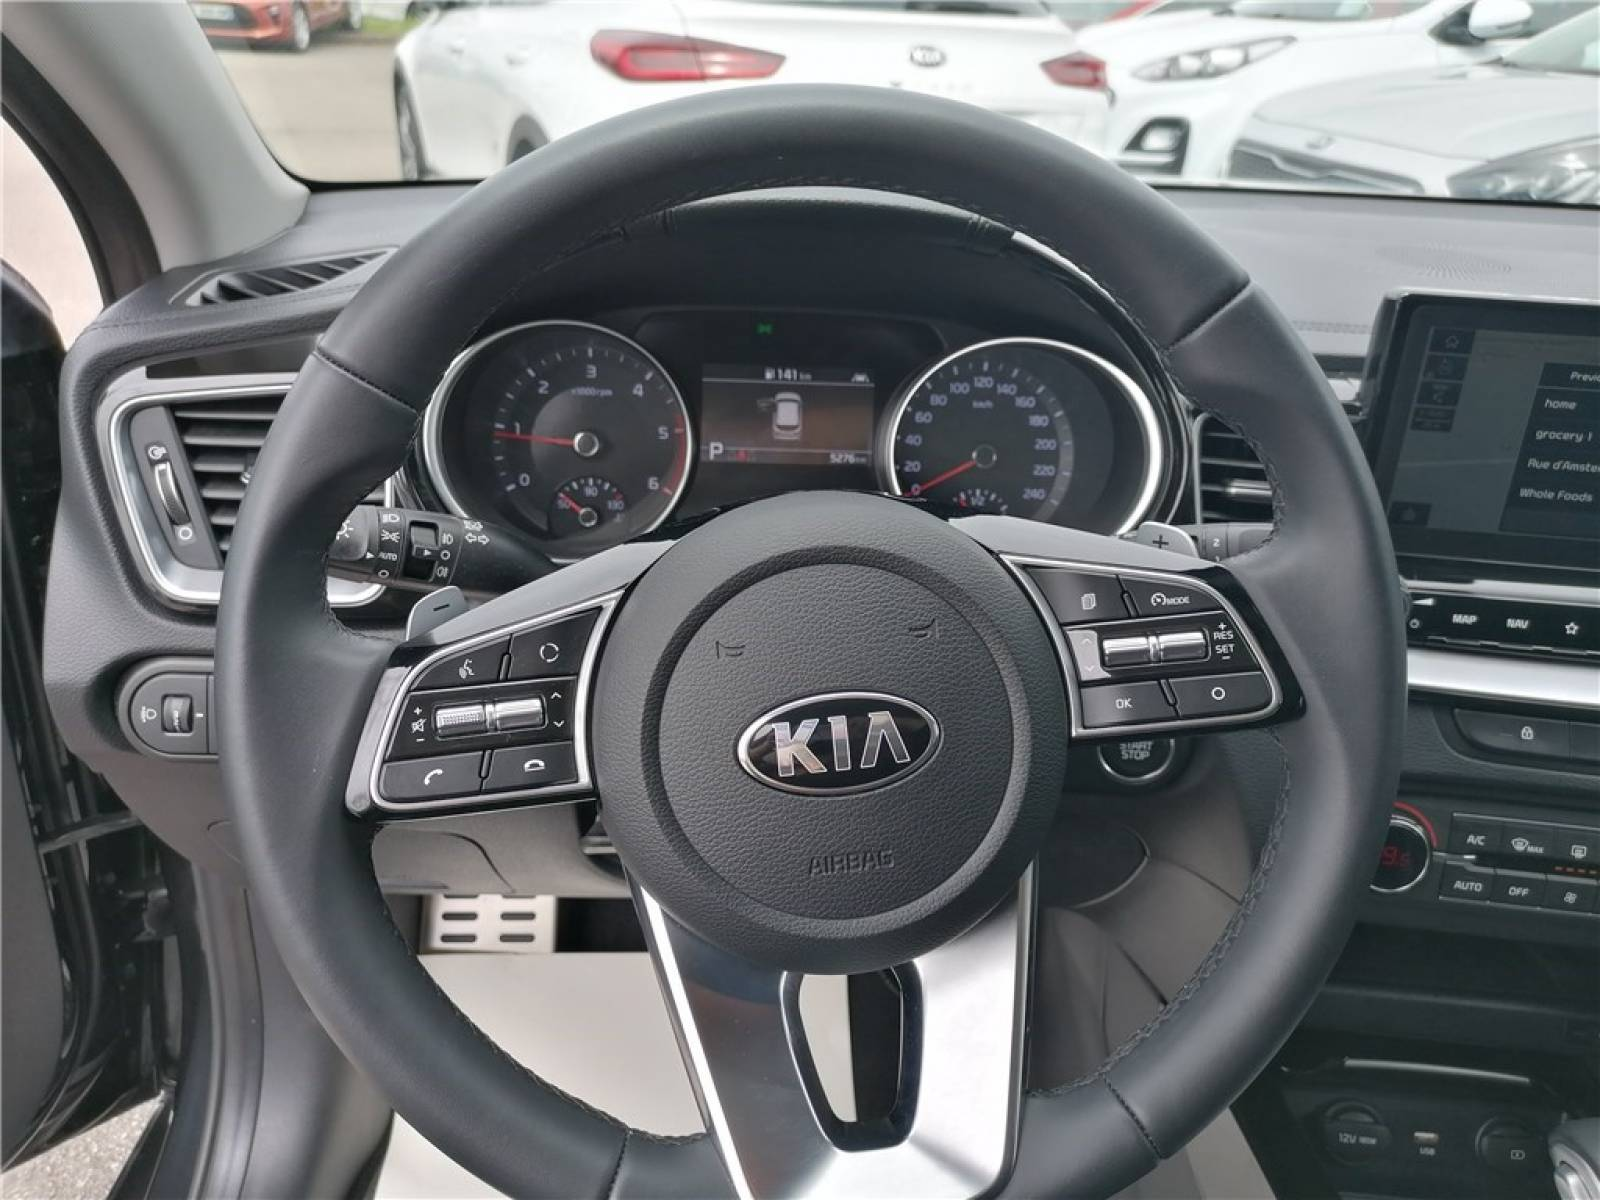 KIA XCeed 1.6l CRDi 136 ch DCT7 ISG - véhicule d'occasion - Groupe Guillet - Hall de l'automobile - Chalon sur Saône - 71380 - Saint-Marcel - 28